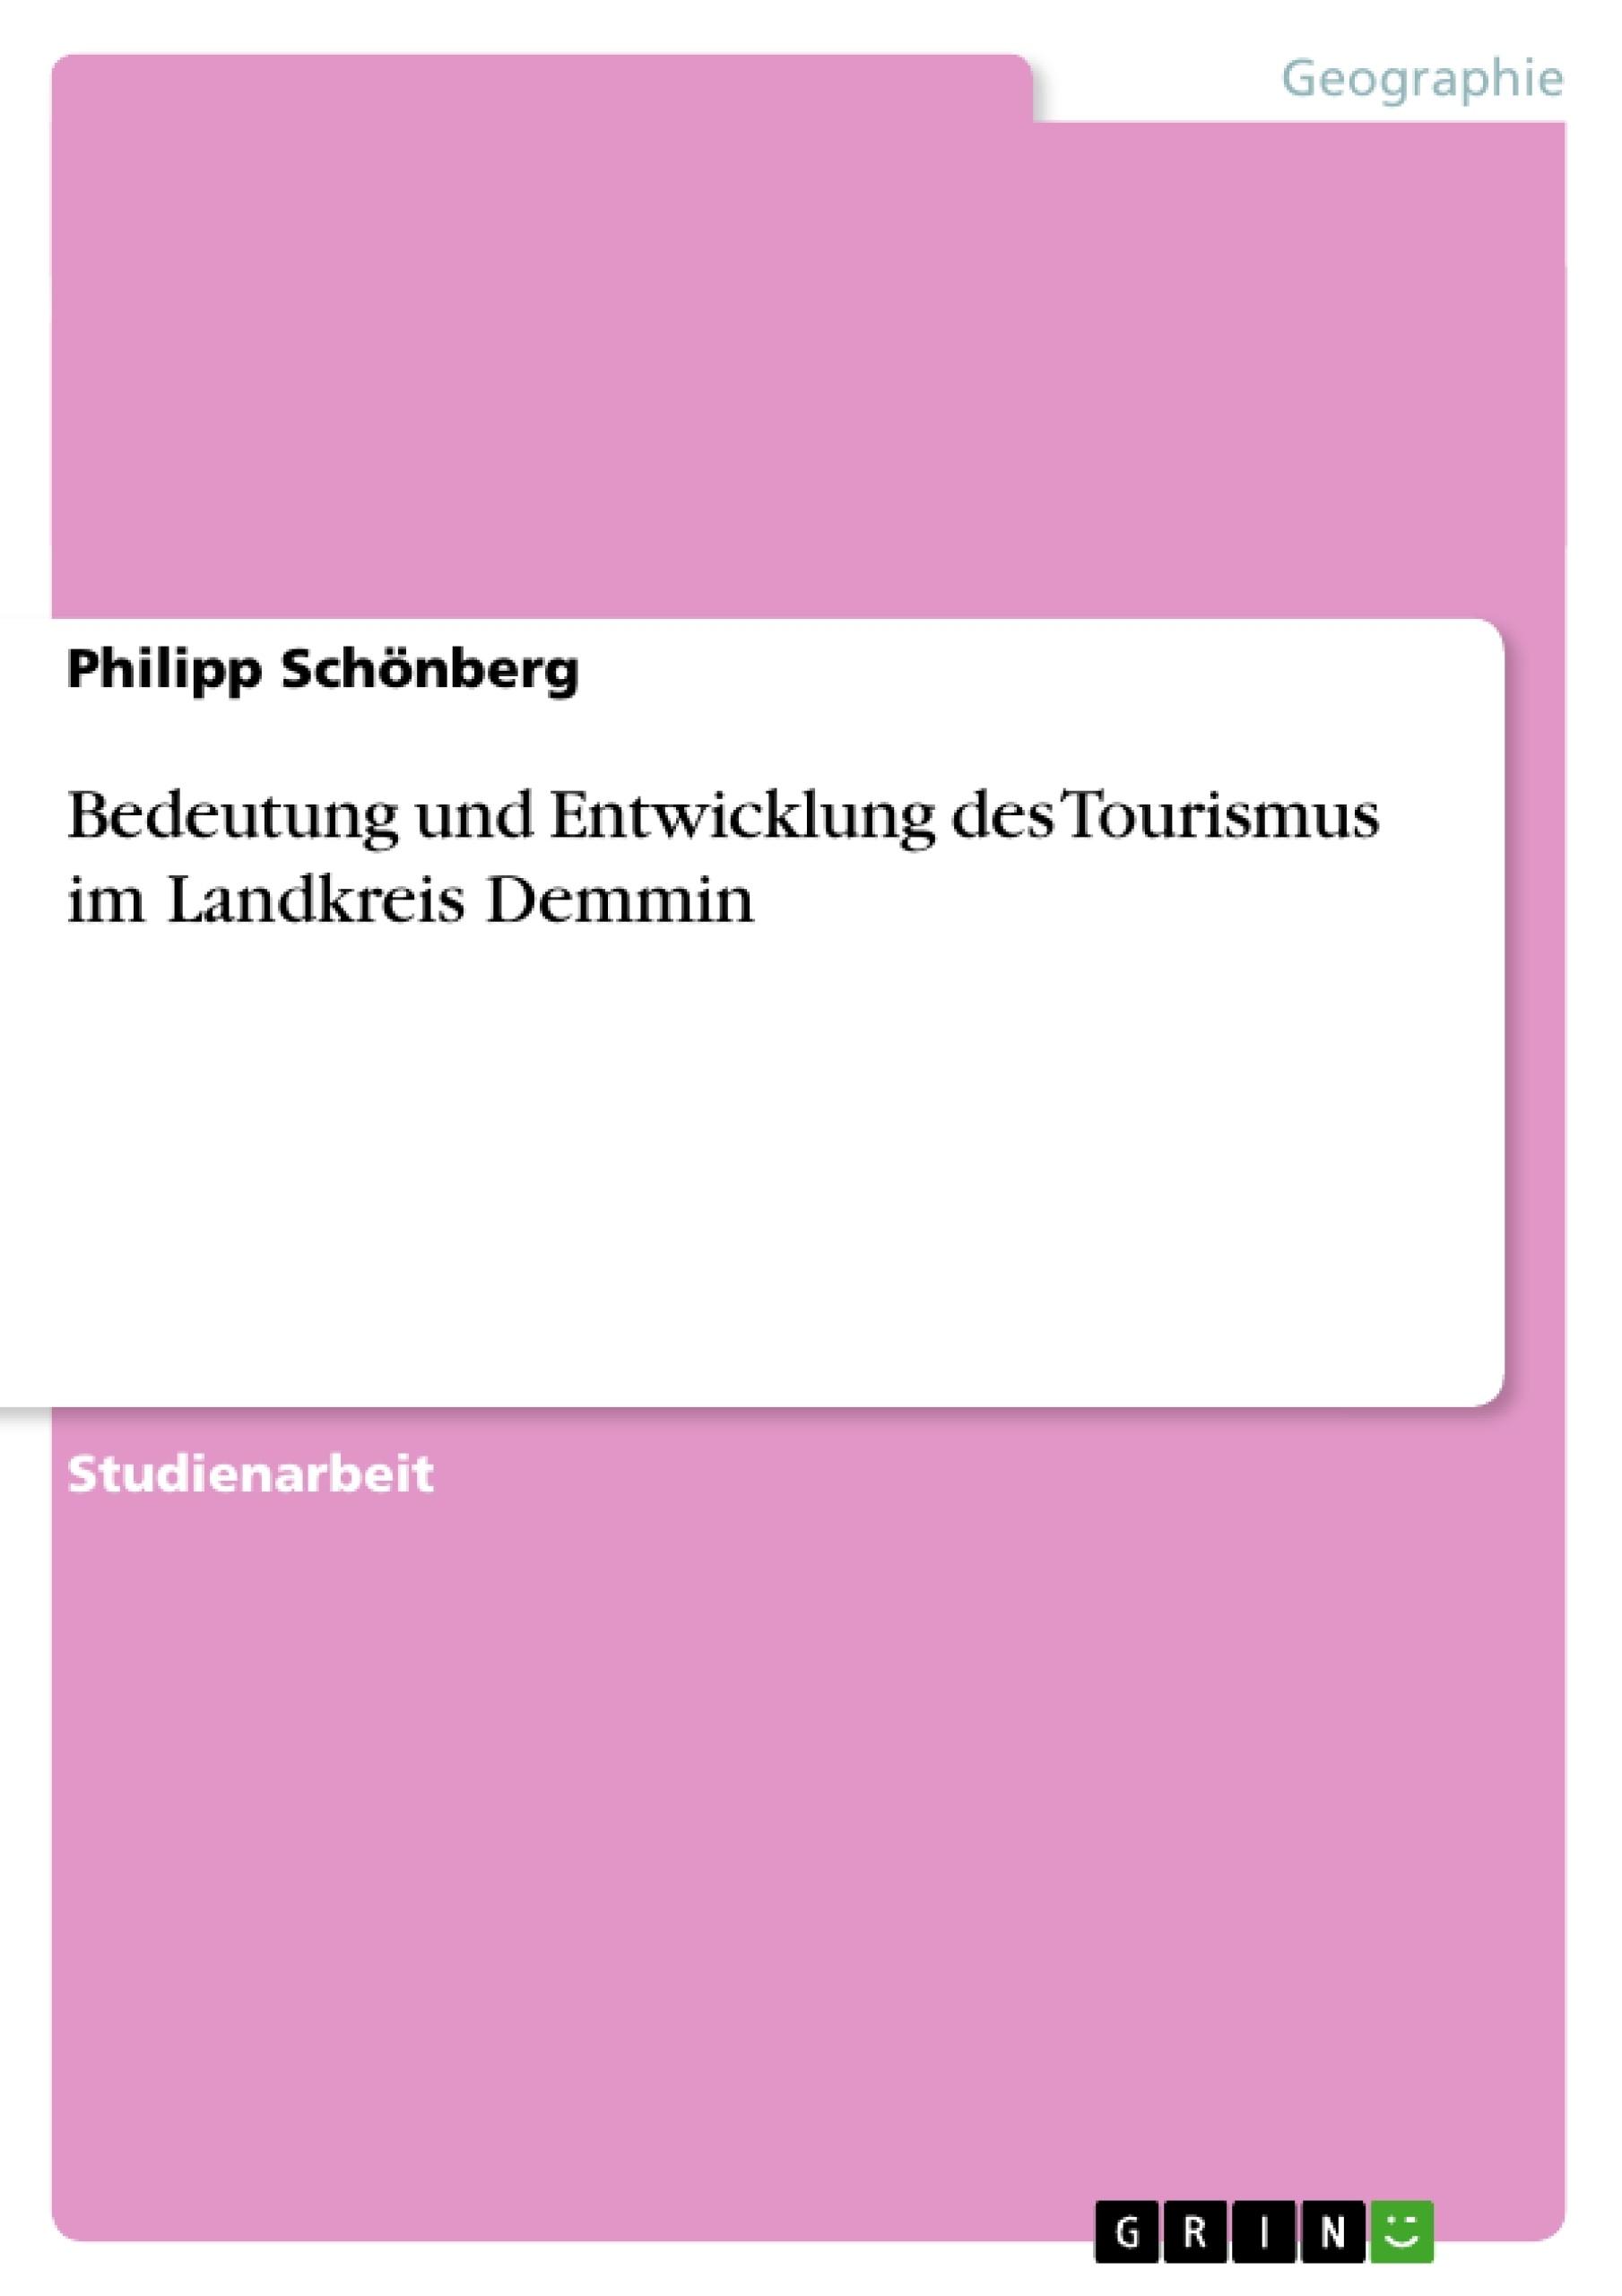 Titel: Bedeutung und Entwicklung des Tourismus im Landkreis Demmin